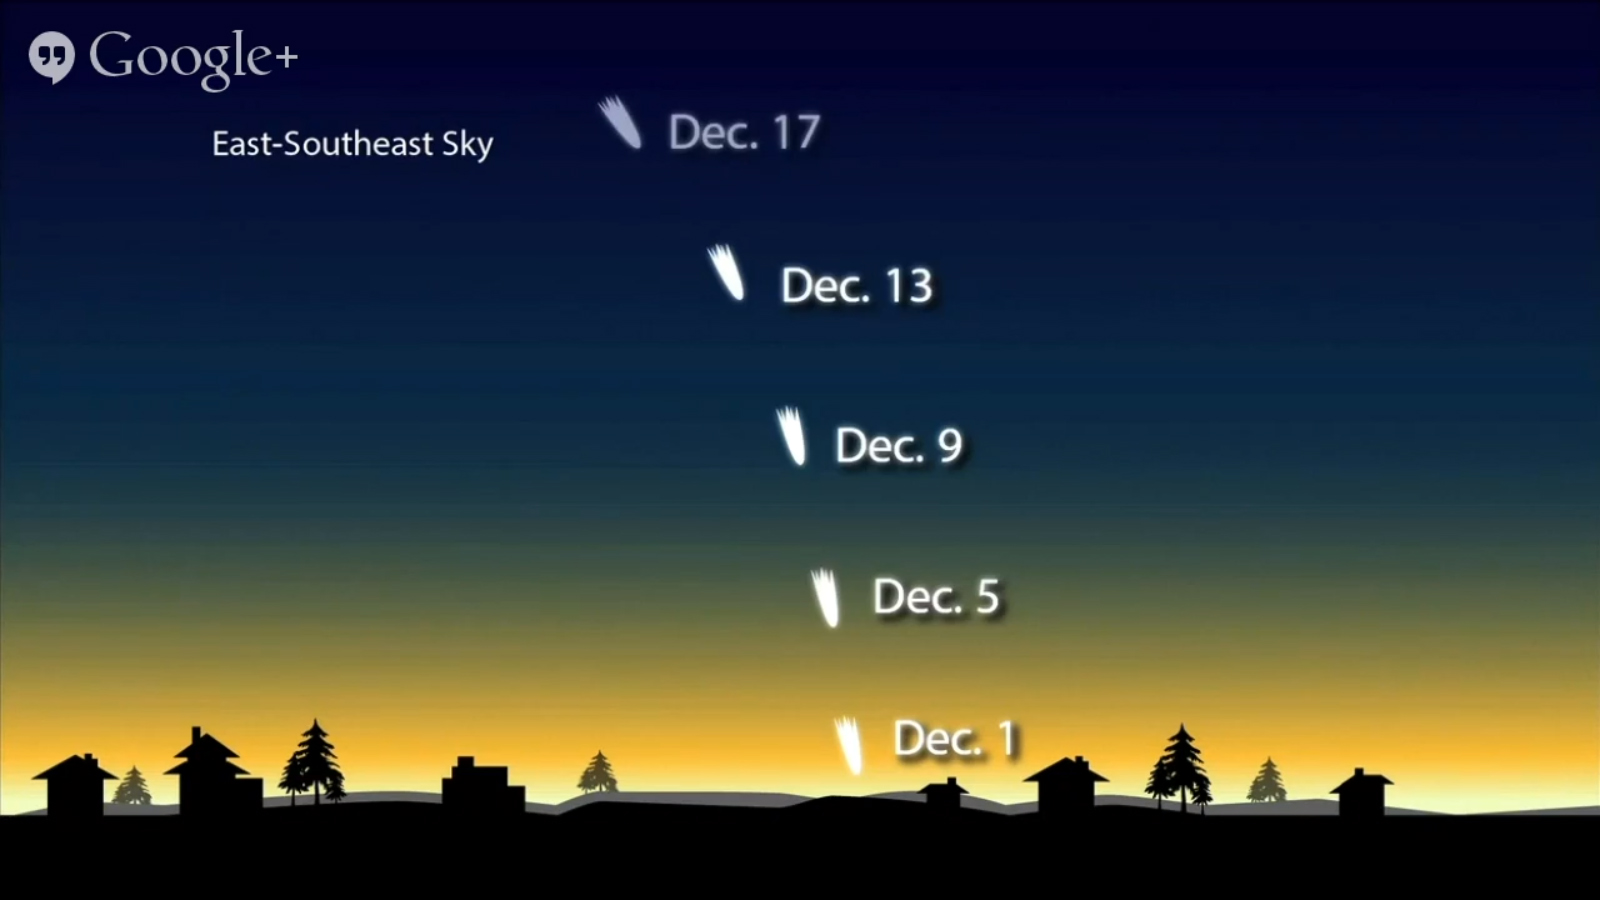 В декабре комету будет видно в утреннем и вечернем небе